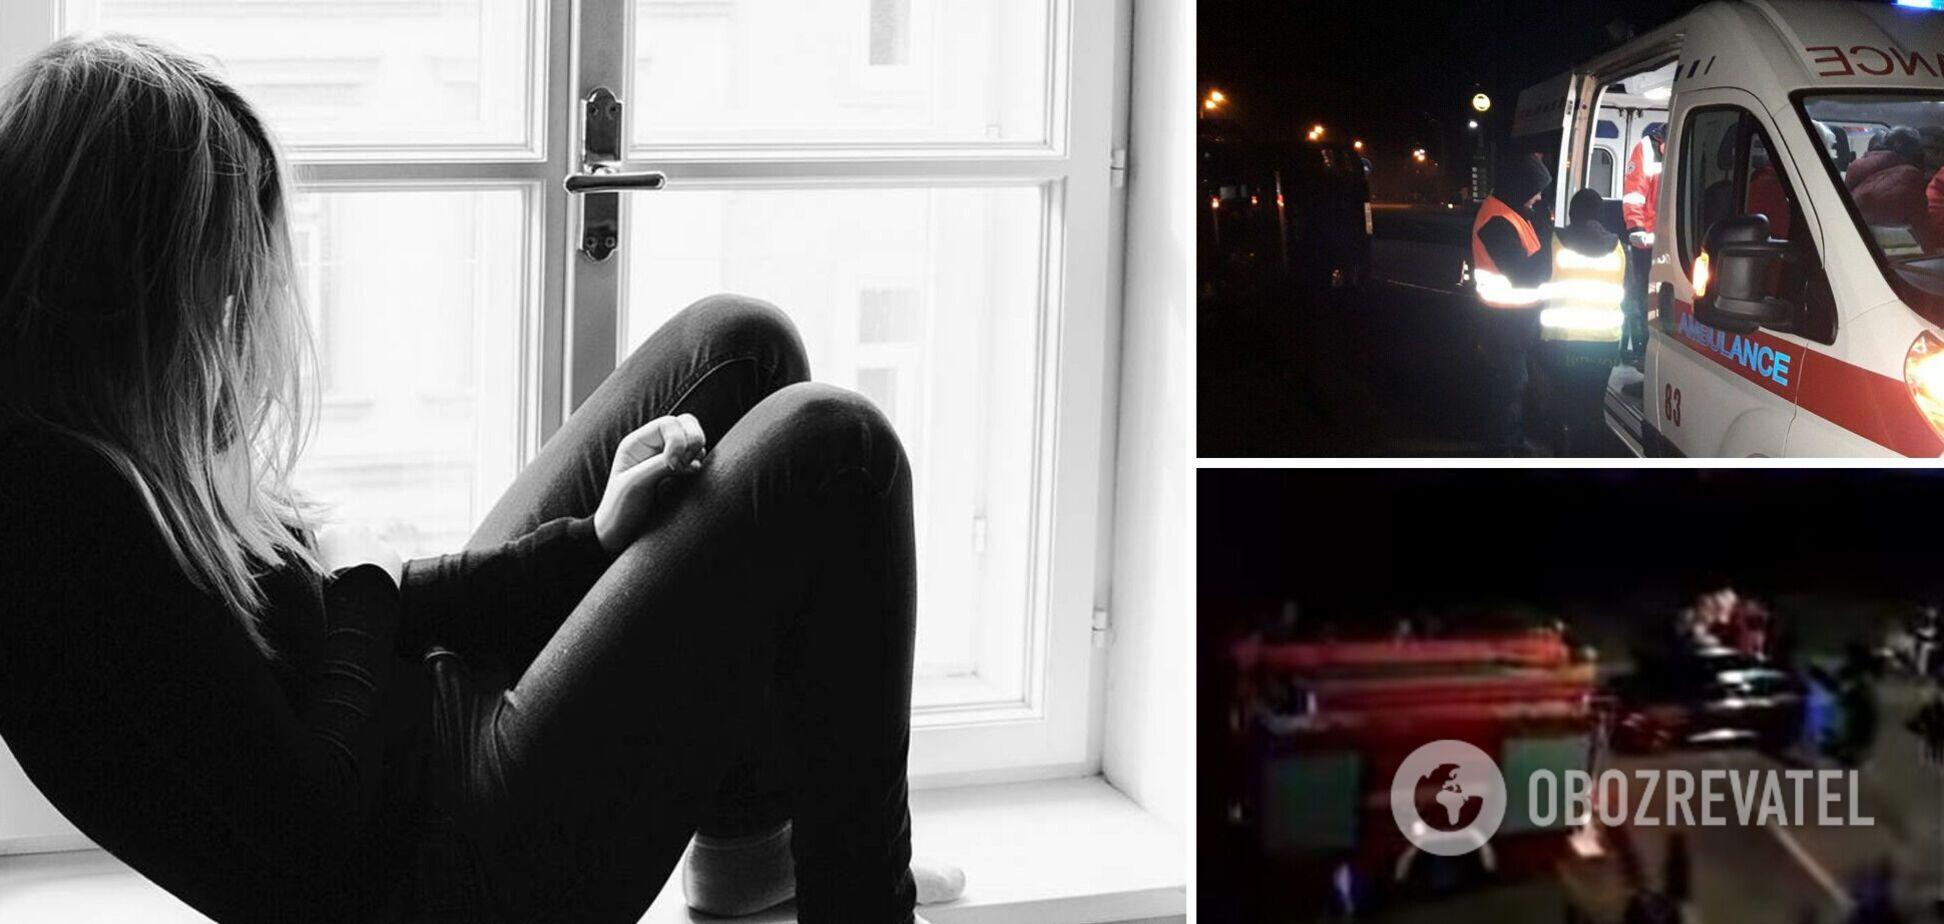 В Одесі дівчина відкрила в квартирі газ і вистрибнула з вікна: мешканців будинку довелося евакуювати. Відео